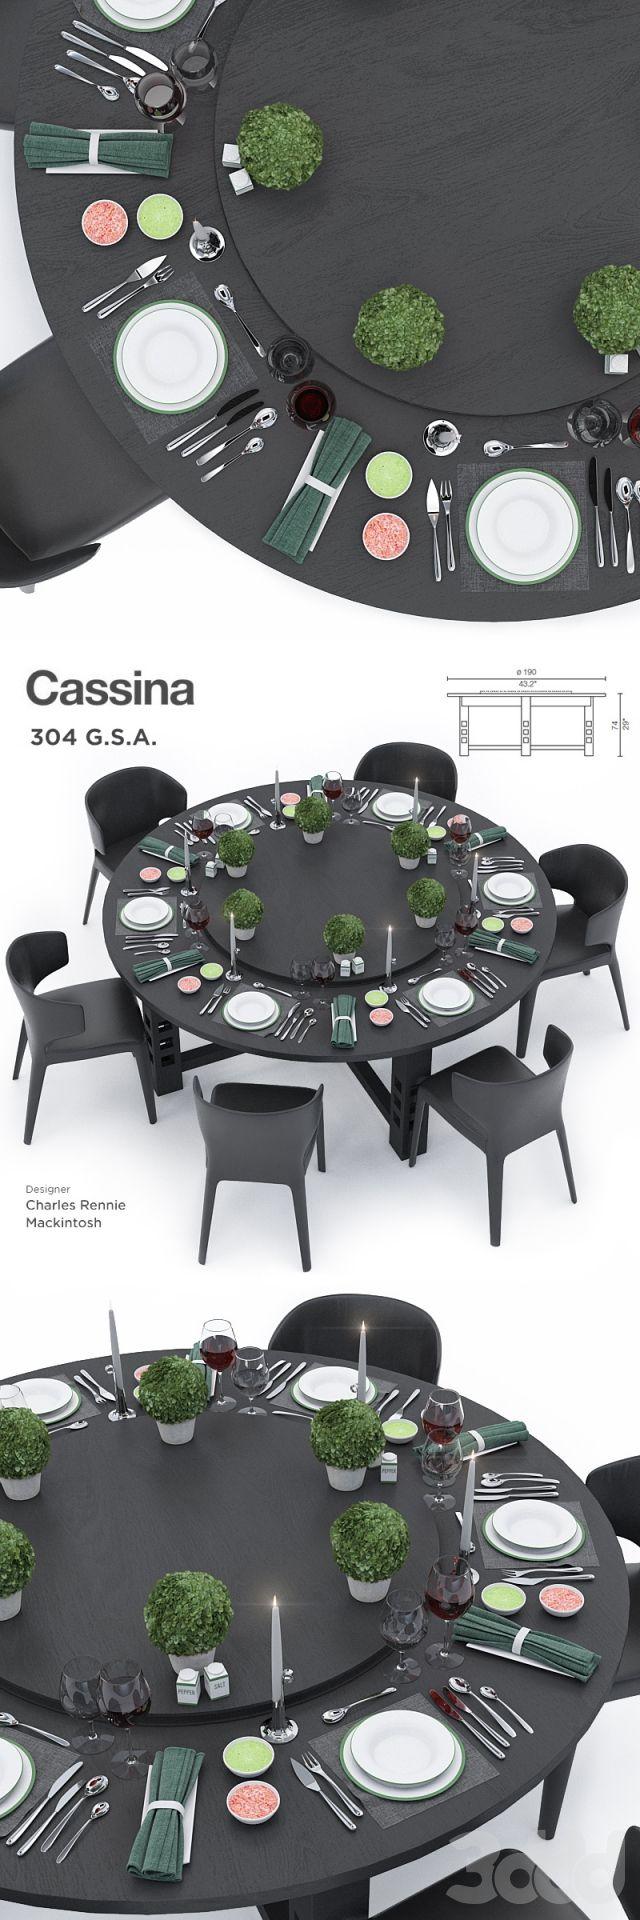 Cassina 304 G.S.A